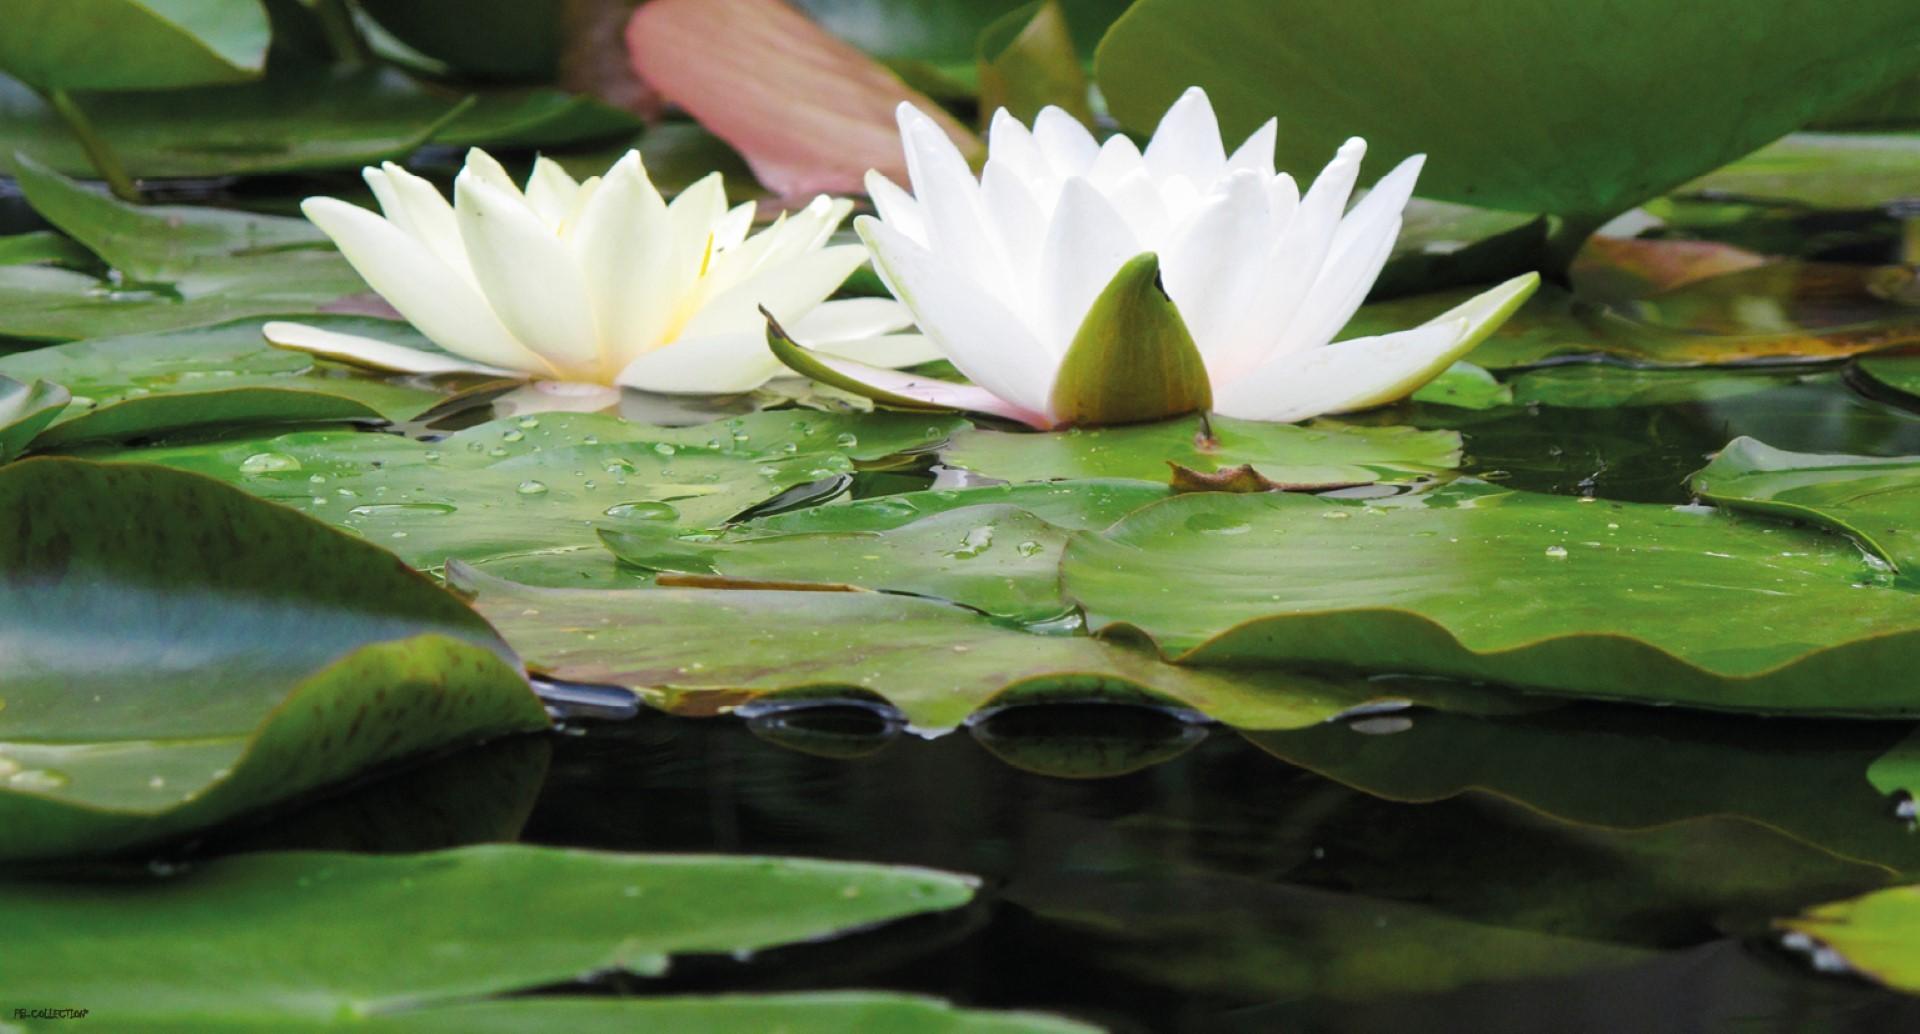 Tuinschilderij Waterlelie 50x70 cm